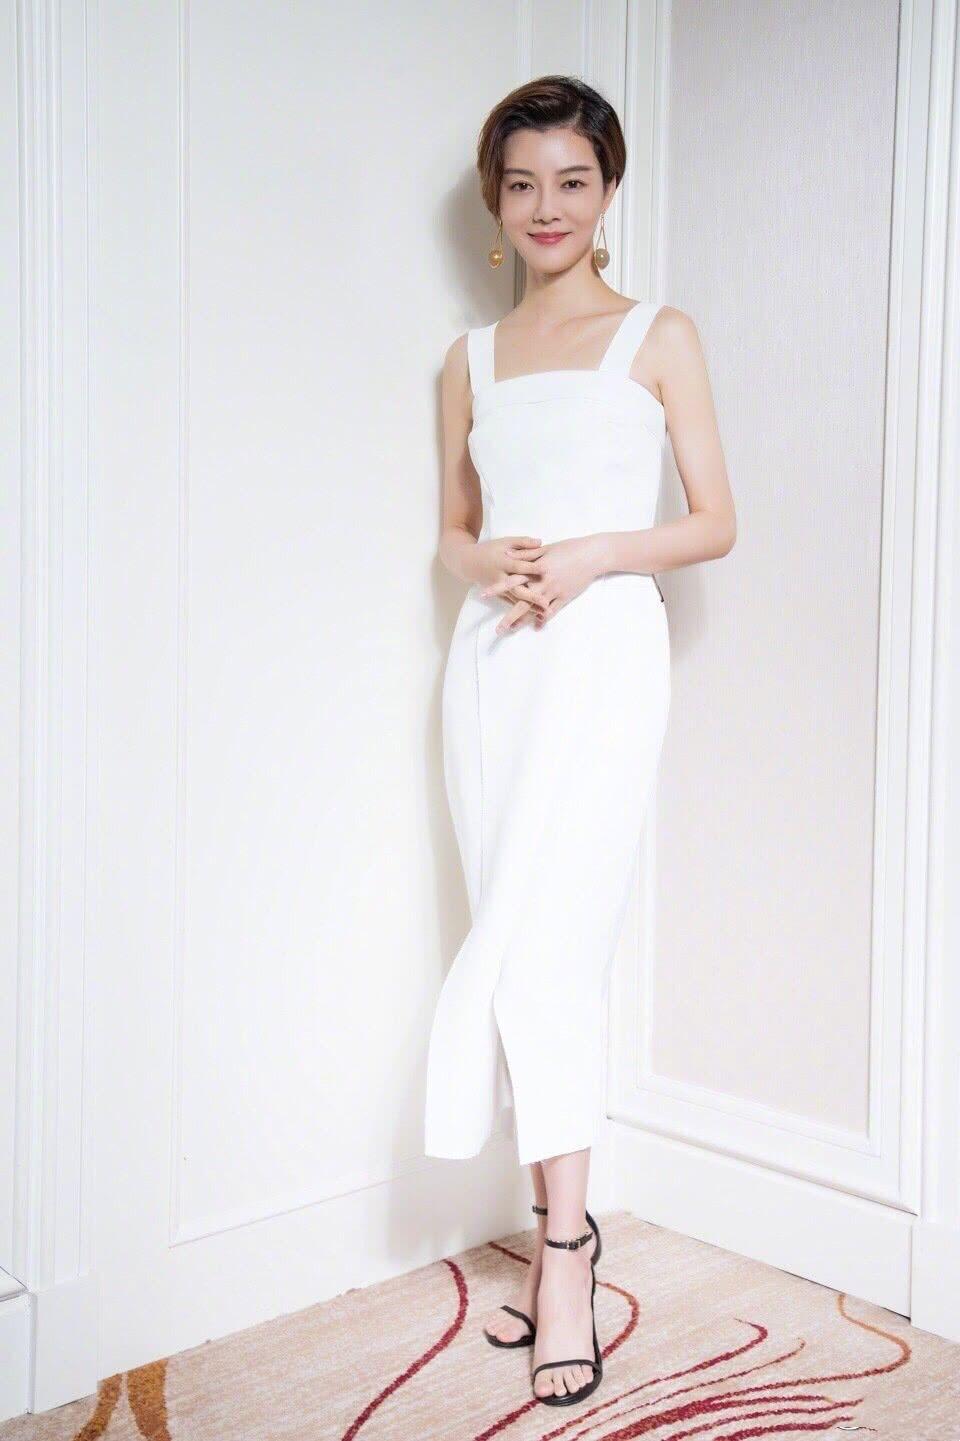 被车晓新造型惊艳了,白色连衣裙现活动,身材比例不输超模